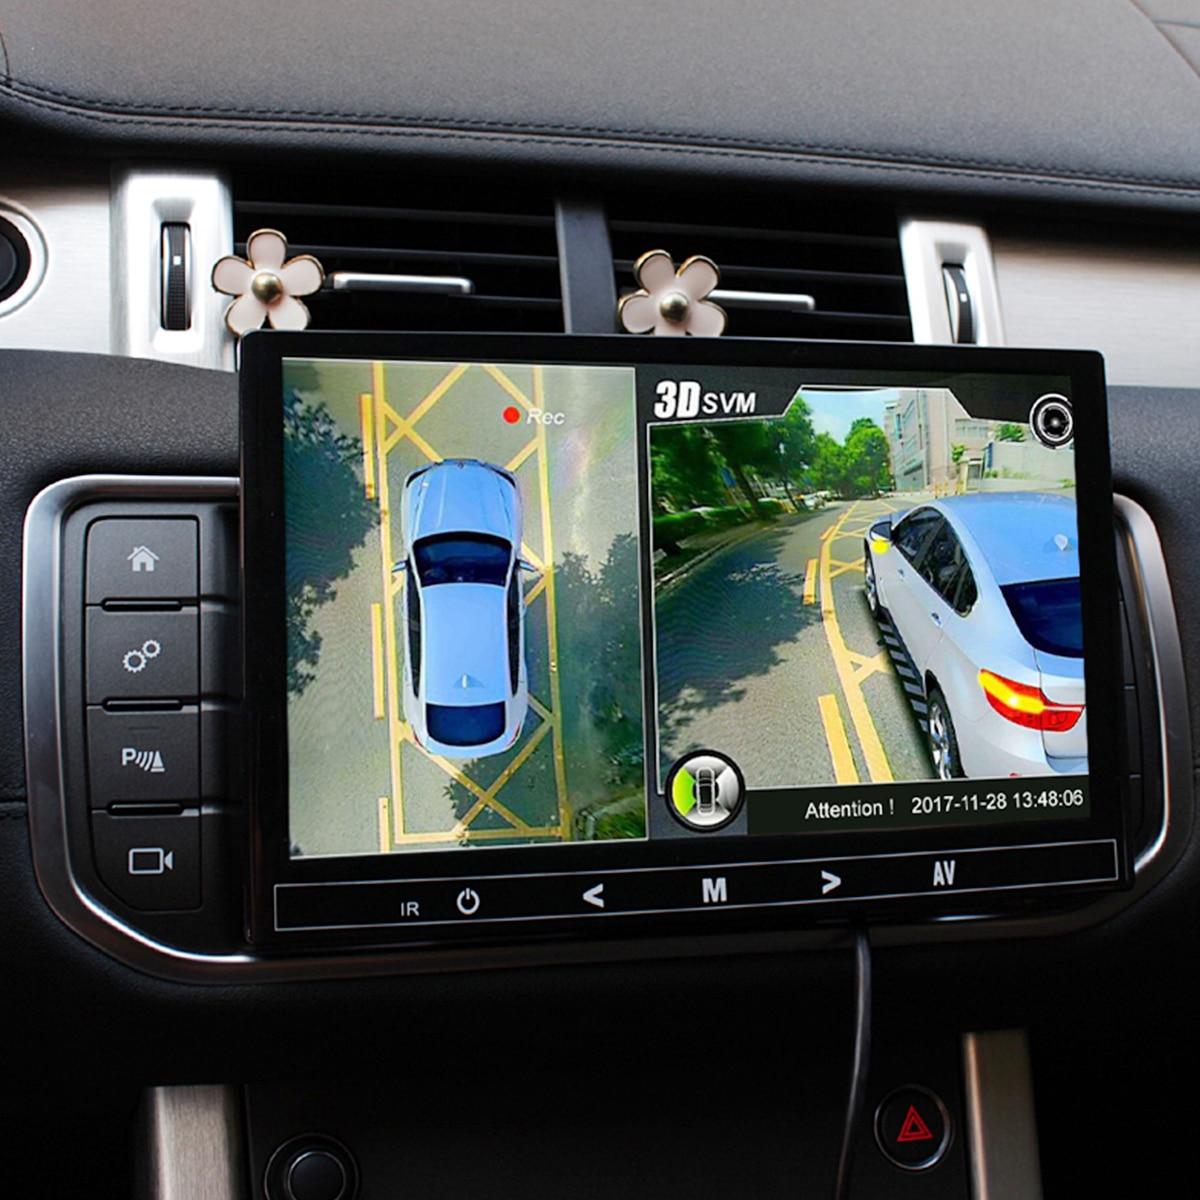 3D HD 360 автомобильная система наблюдения за объемным видом система наблюдения за птицами 4 камеры DVR HD 960P рекордер контроль парковки удаленный приемник